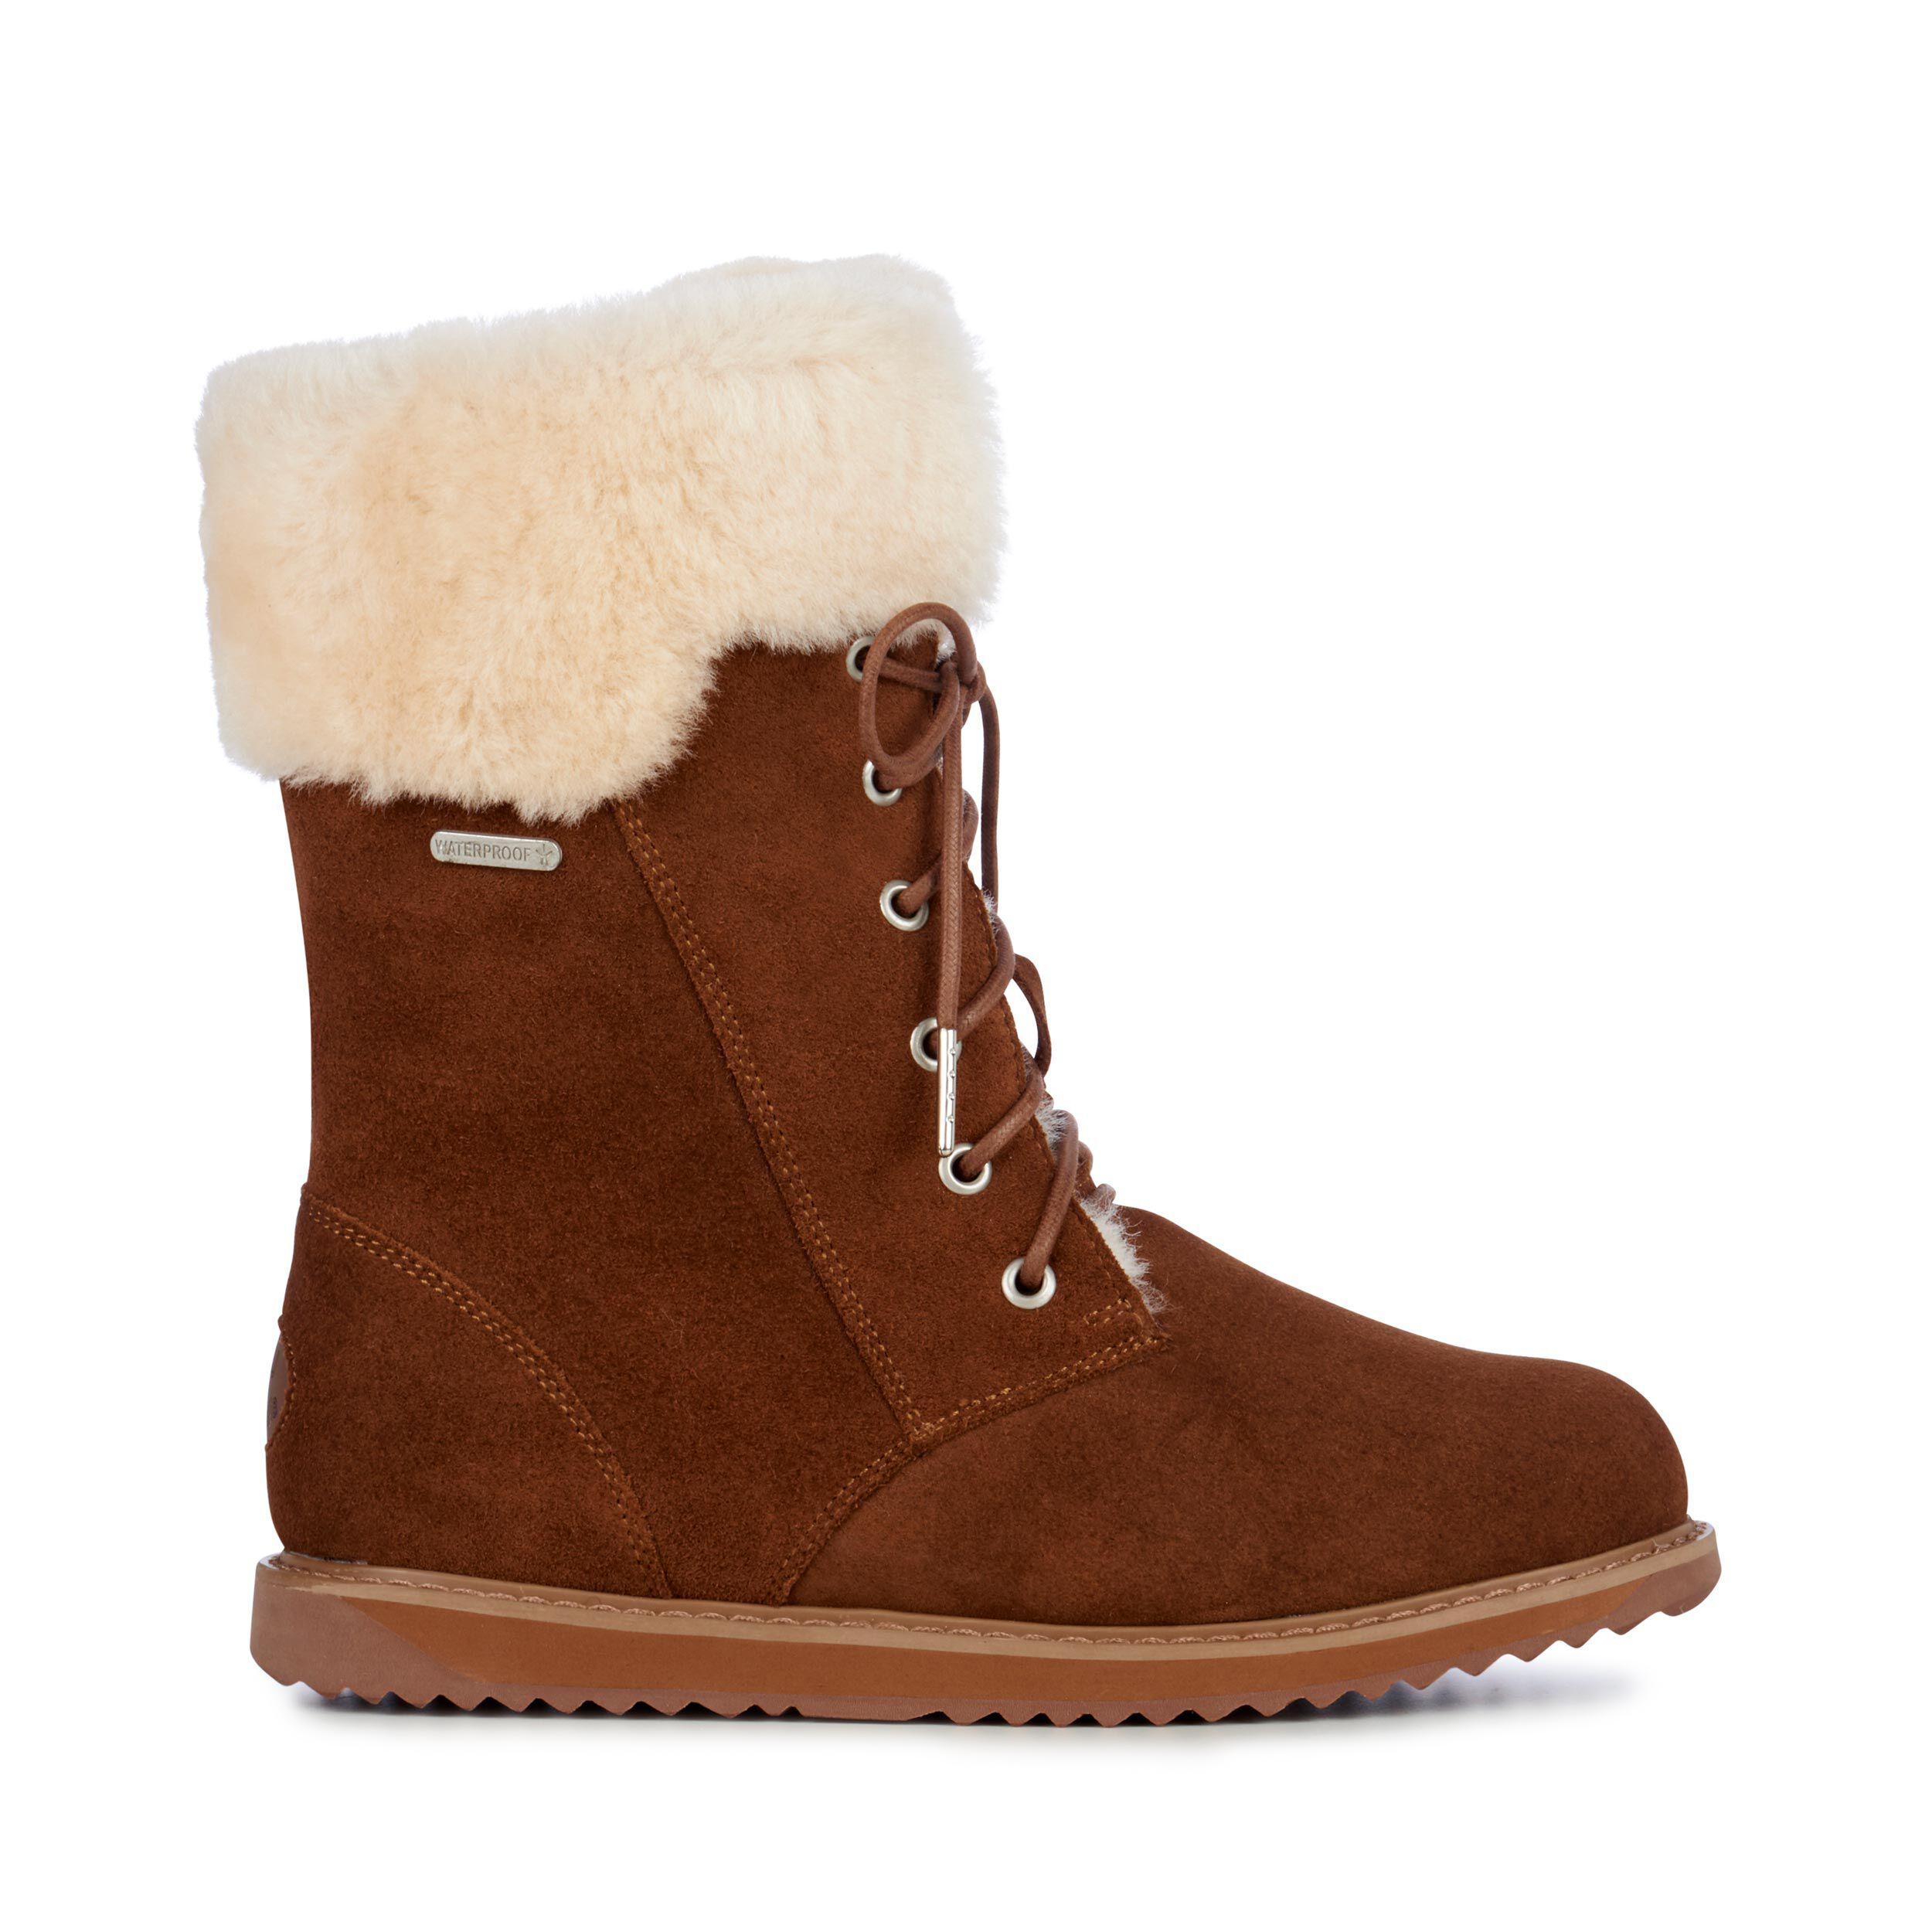 Shoreline Womens Liner Skin Boot- EMU